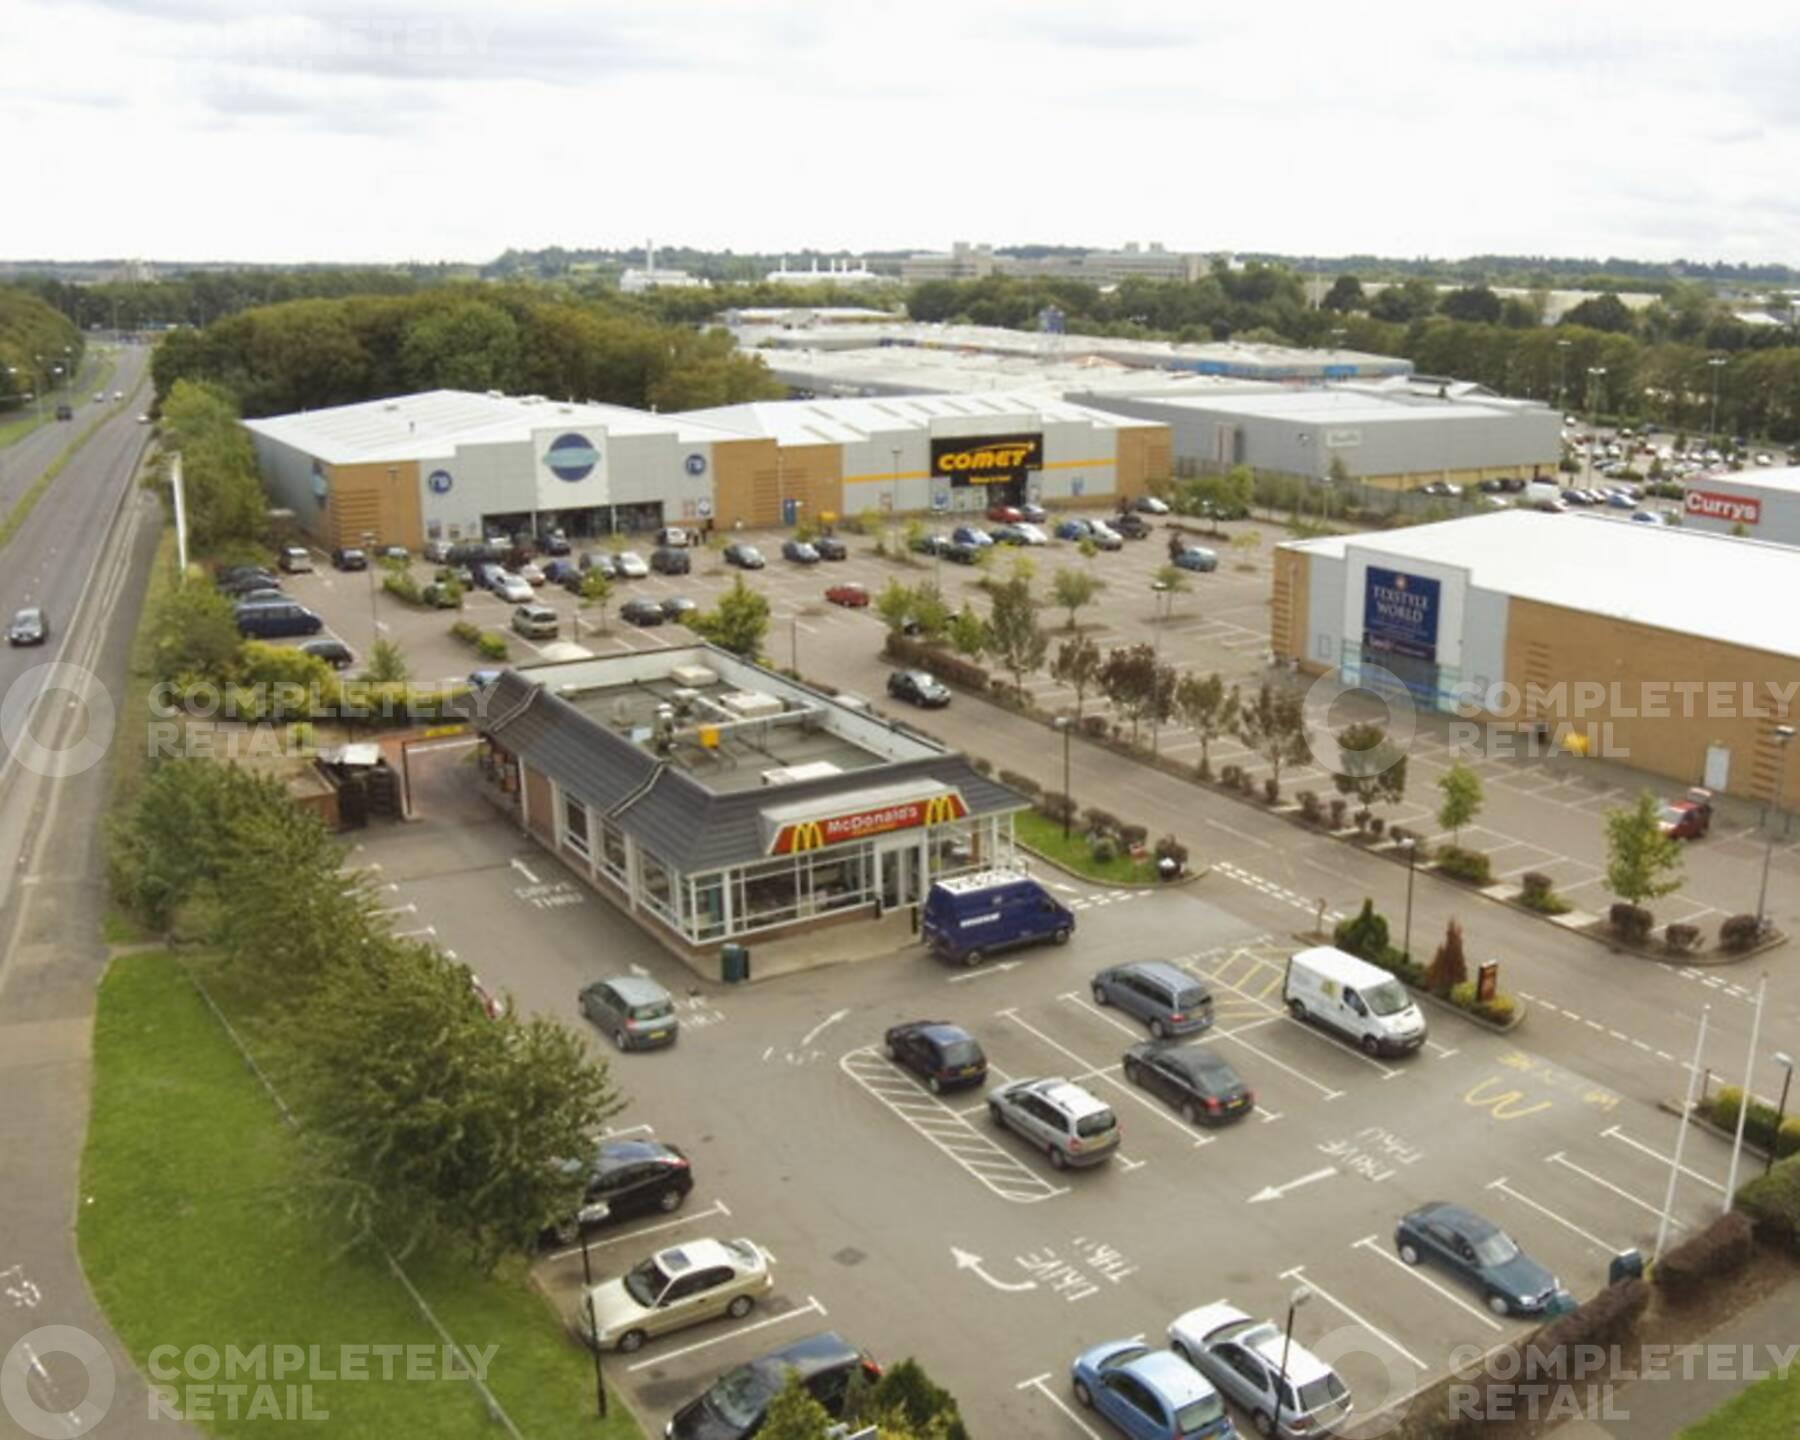 Monkswood Retail Park